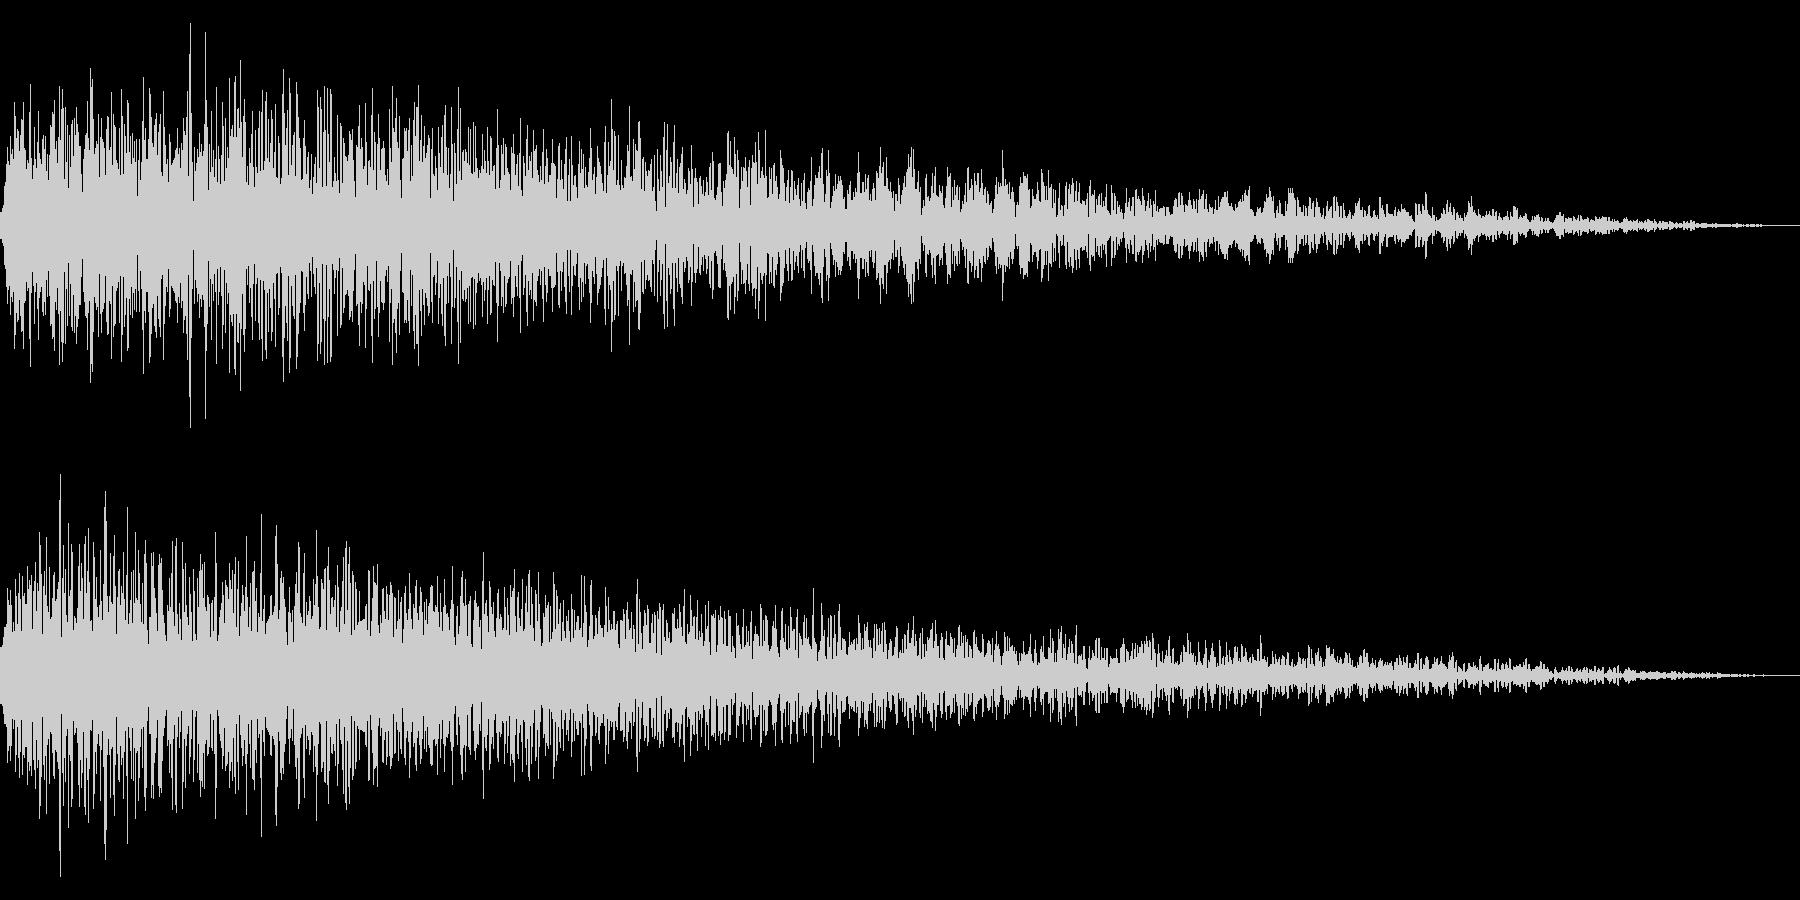 ホラー系アタック音63の未再生の波形